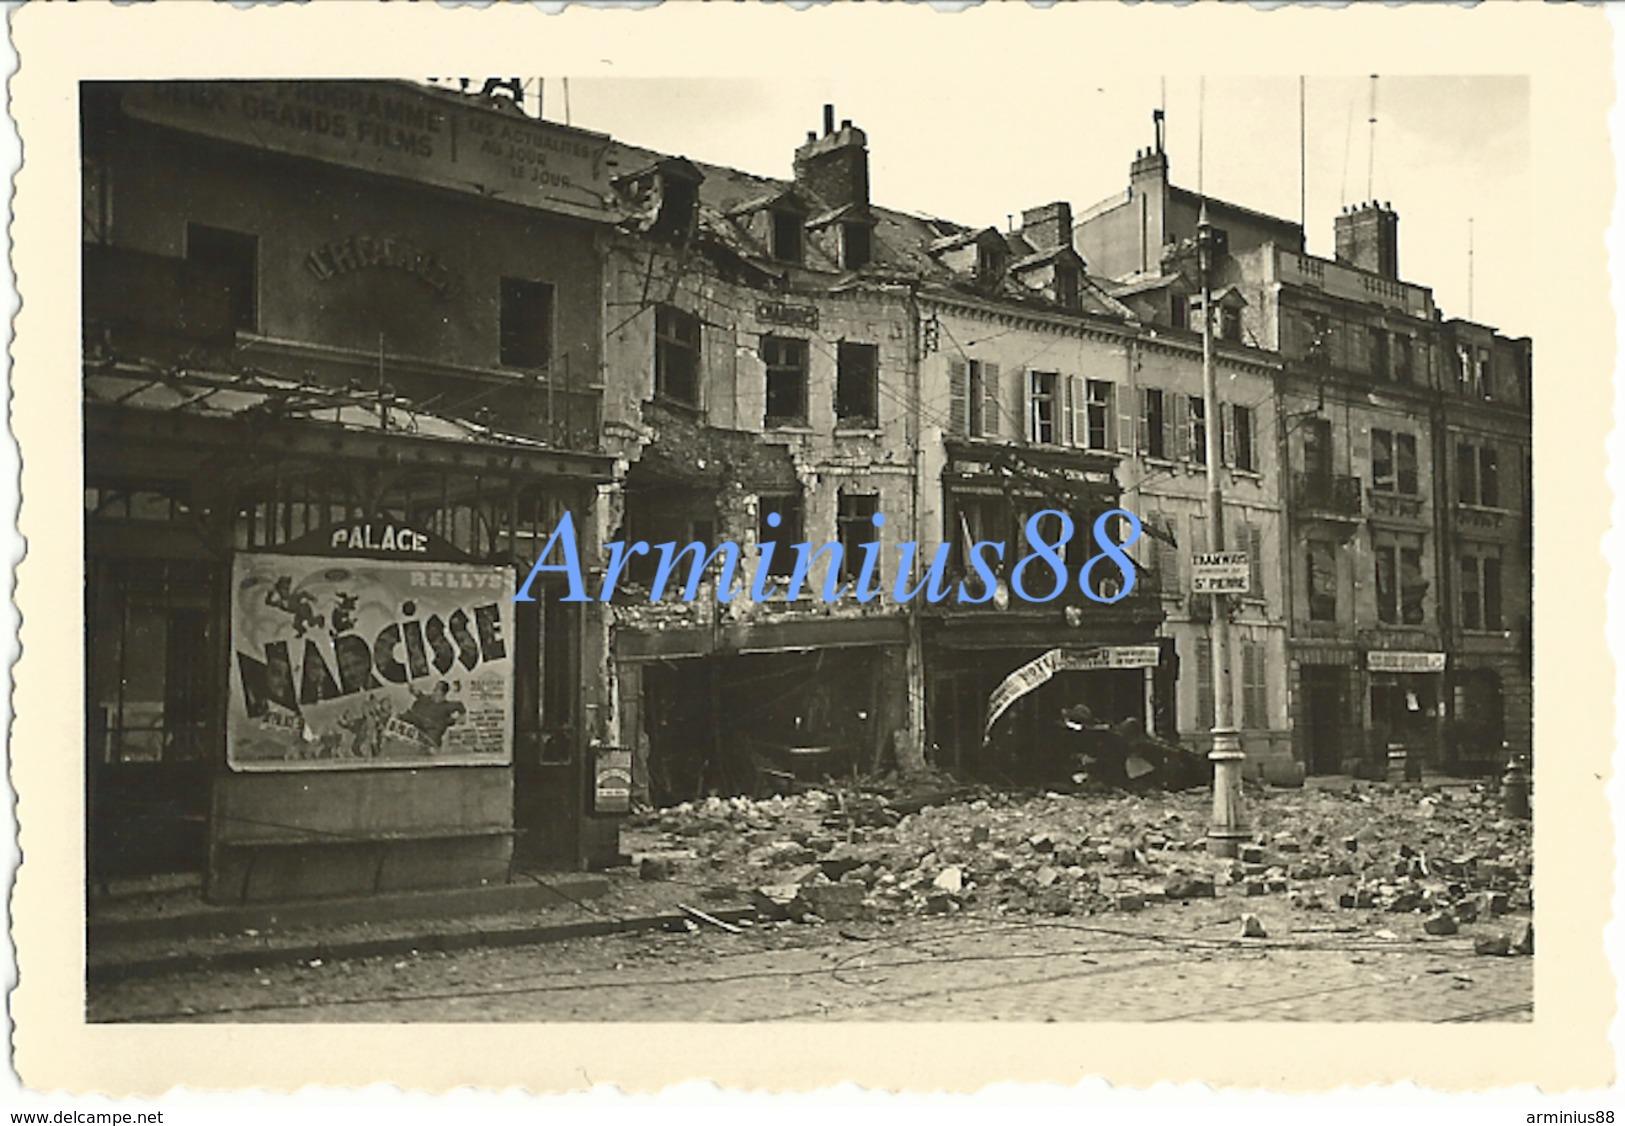 Campagne De France 1940 - Amiens - Cinéma Trianon Palace - Affiche Film Narcisse - Tramway St Pierre - Westfeldzug - Guerra, Militari